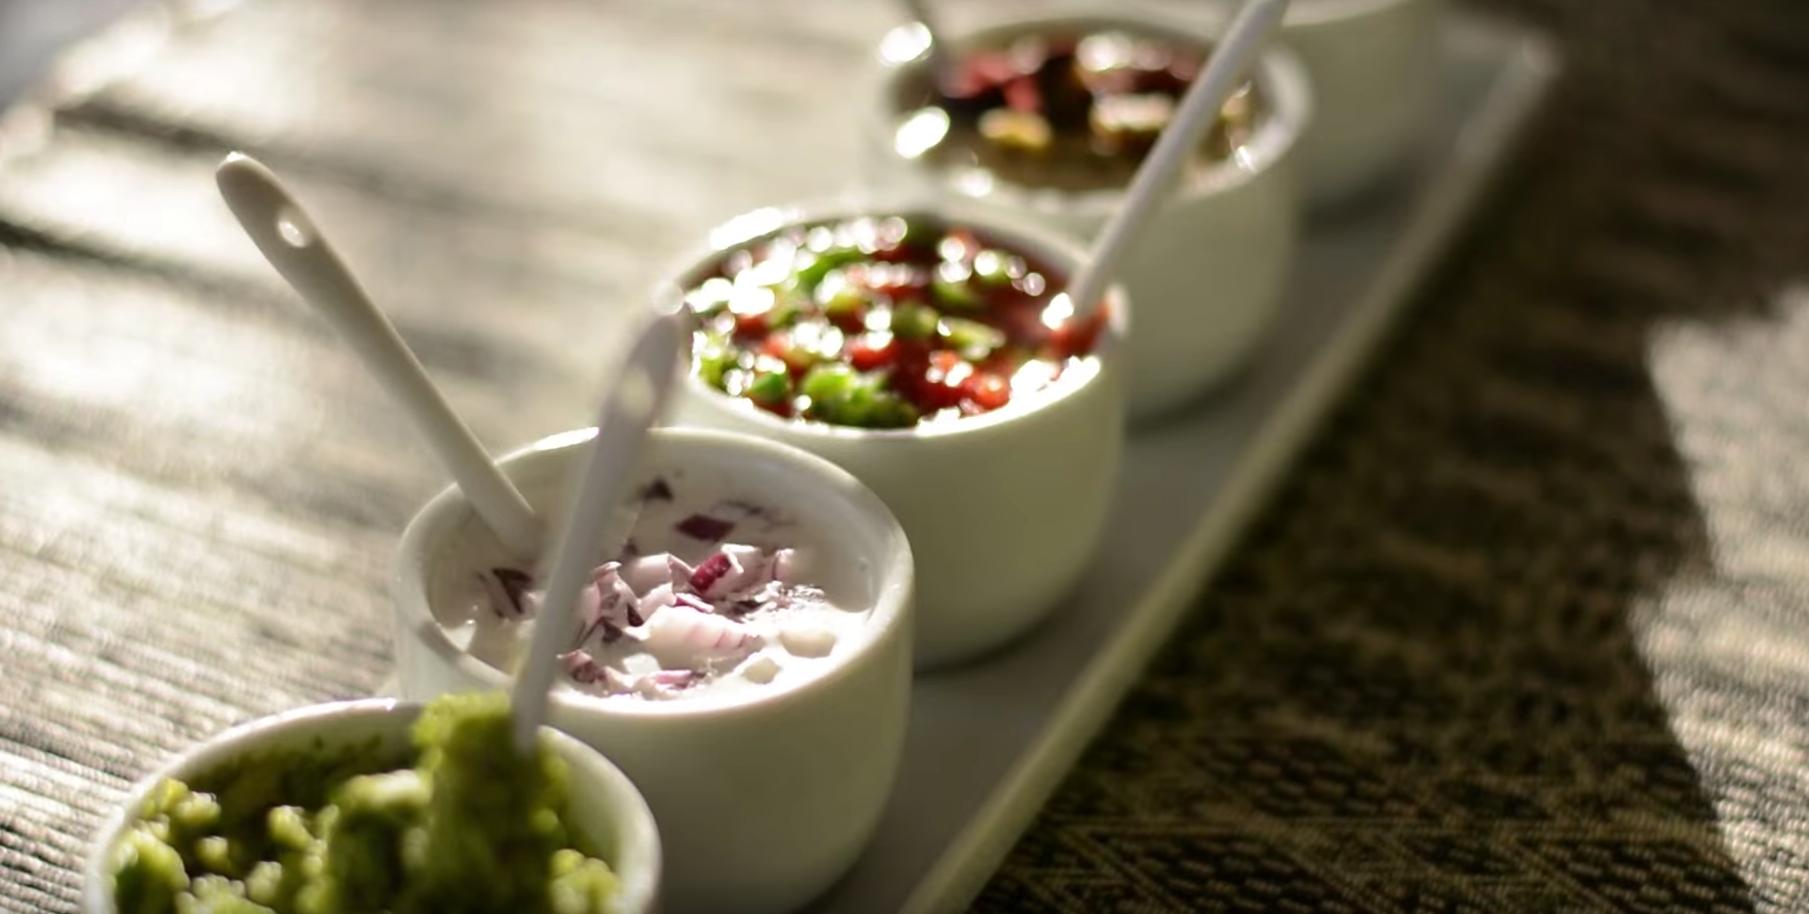 Pasta de avocado, sos de smantana vegetala cu ceapa rosie, pasta de masline, sos de rosii cu ardei verde